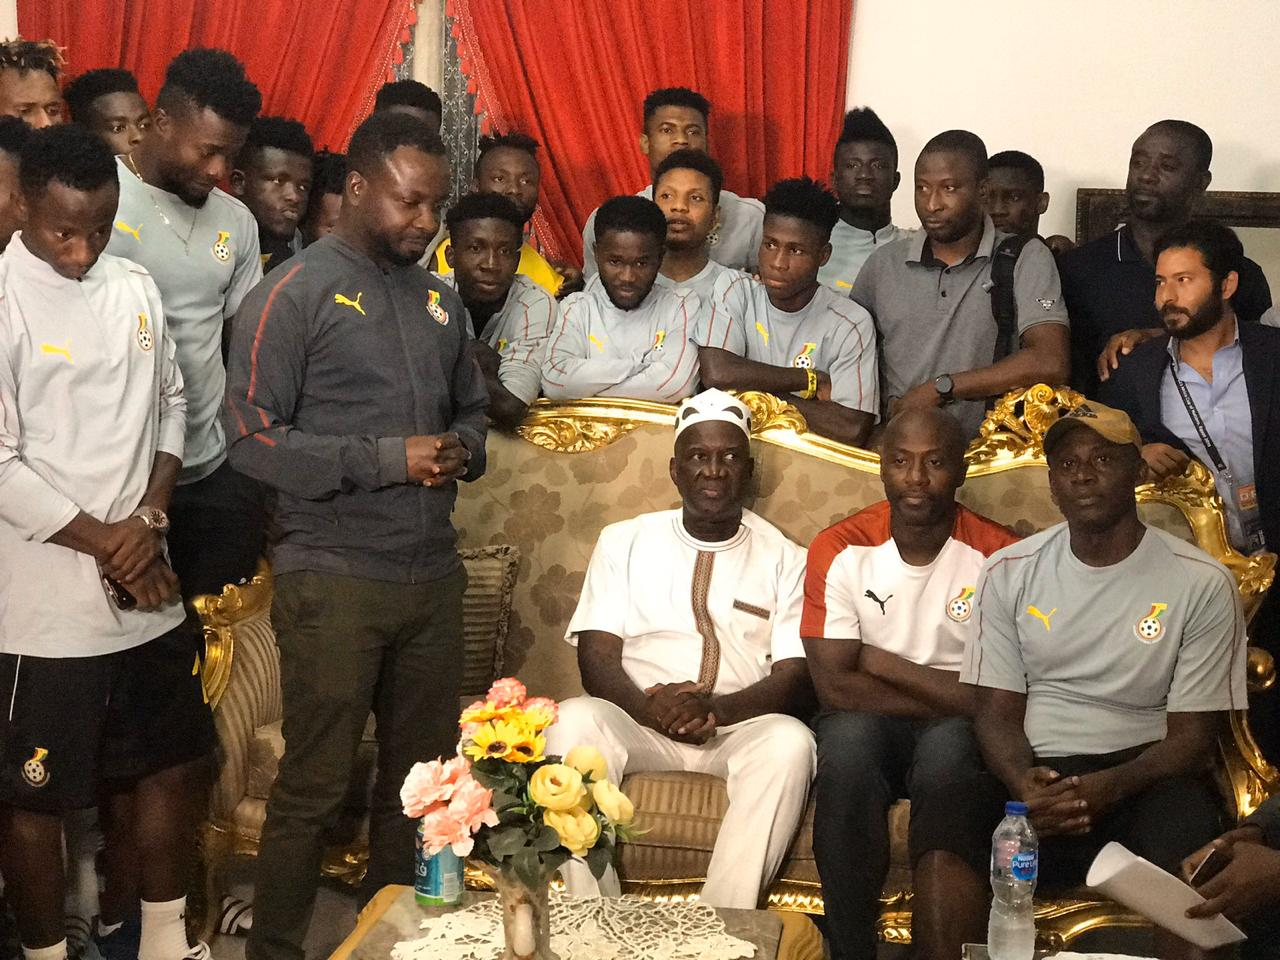 عشاء سفير غانا مع لاعبو المنتخب الاولمبى (2)